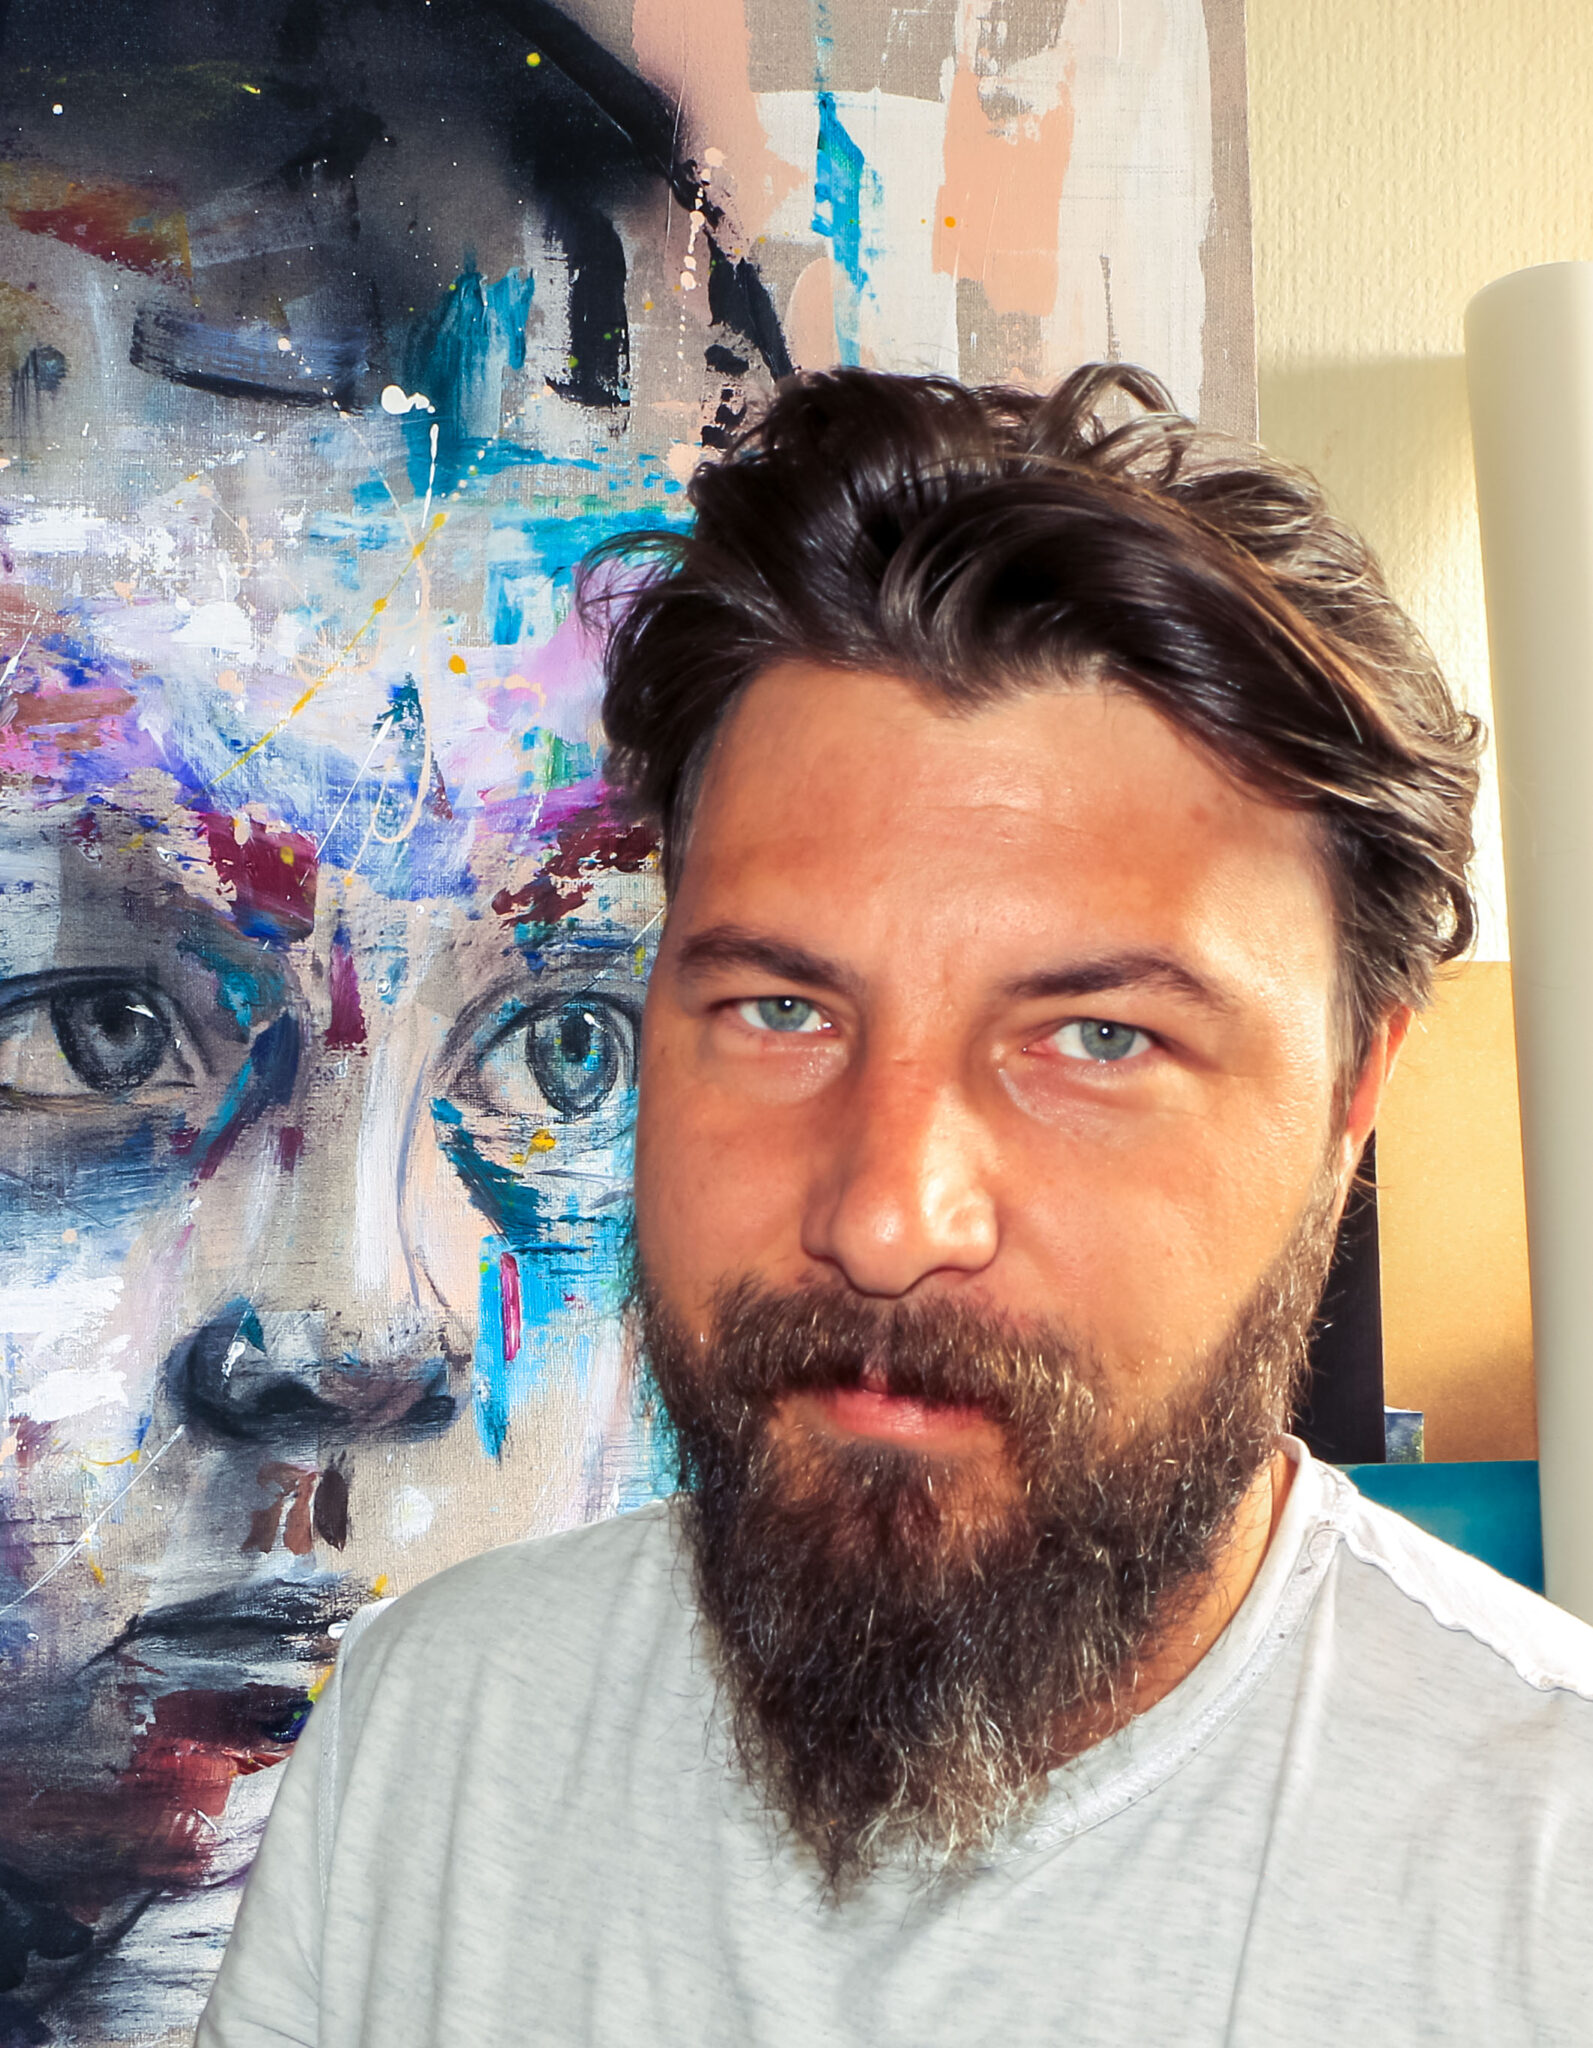 Stefan Nedelcu